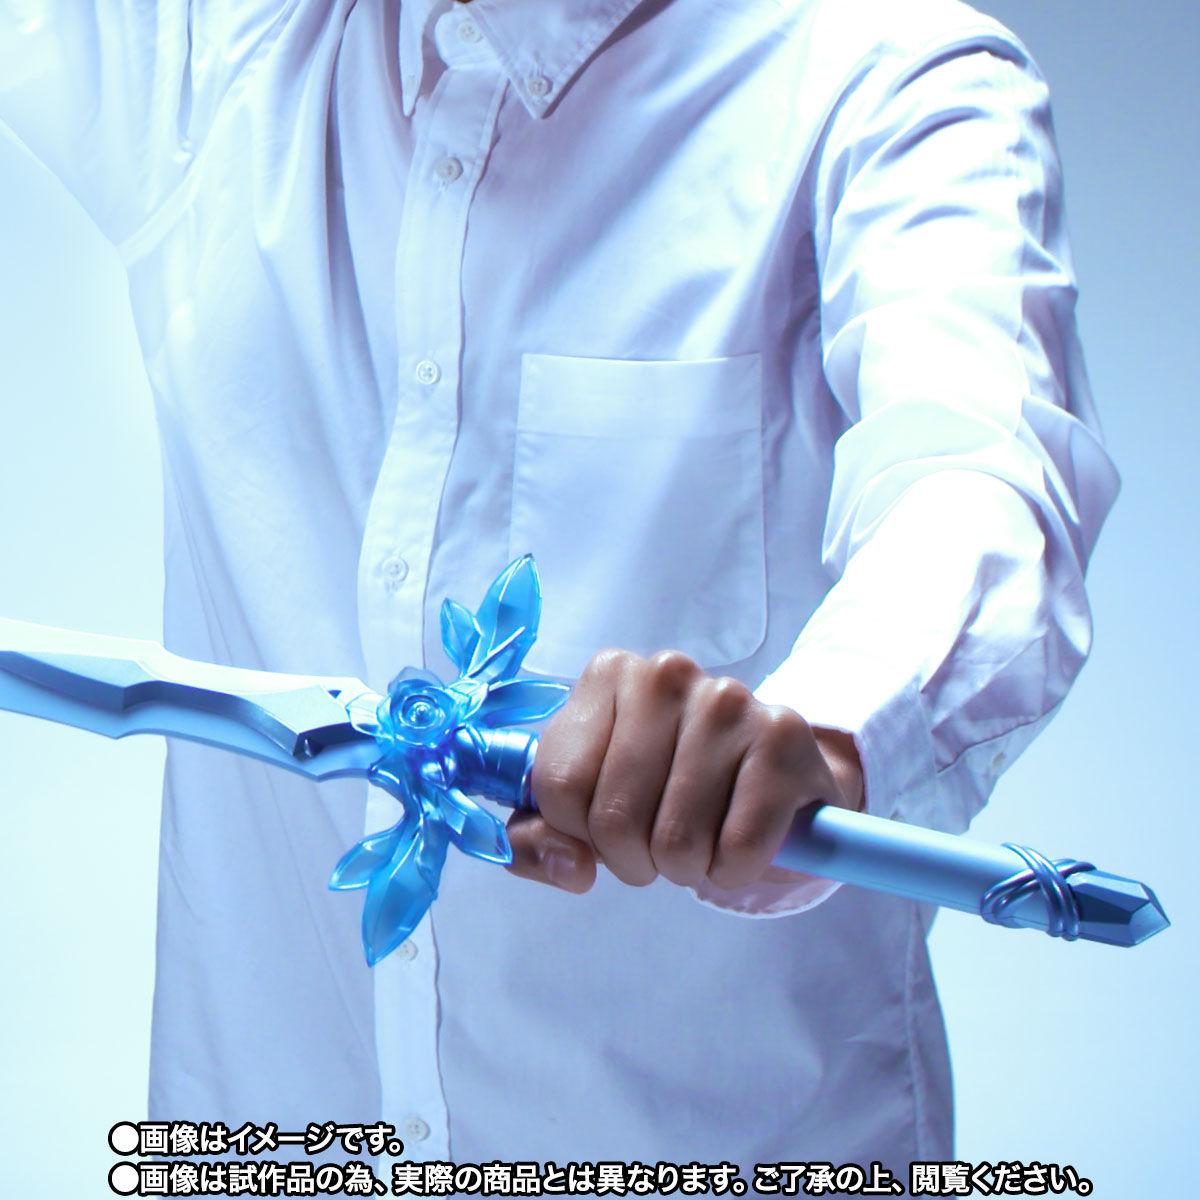 【限定販売】PROPLICA プロップリカ『青薔薇の剣』ソードアート・オンライン 変身なりきり-006